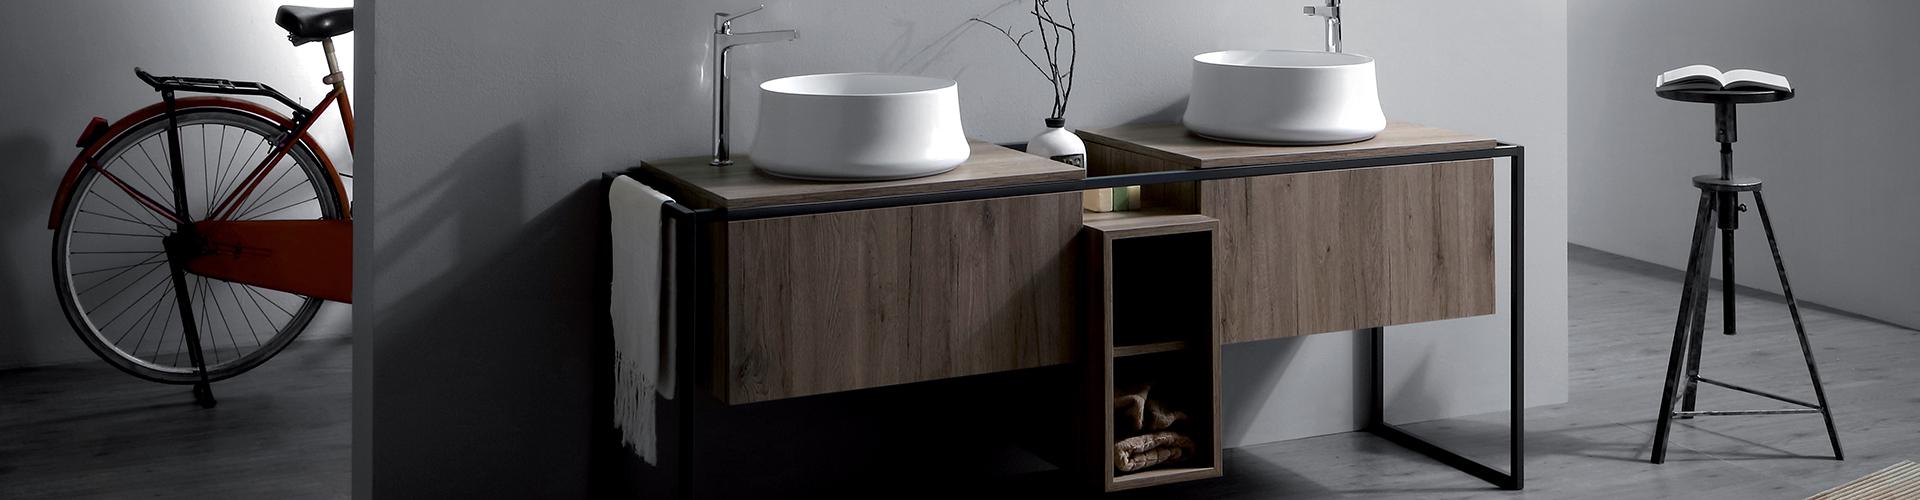 Simas   Ad Waters pour Toilette Lavabo Intégré Canada